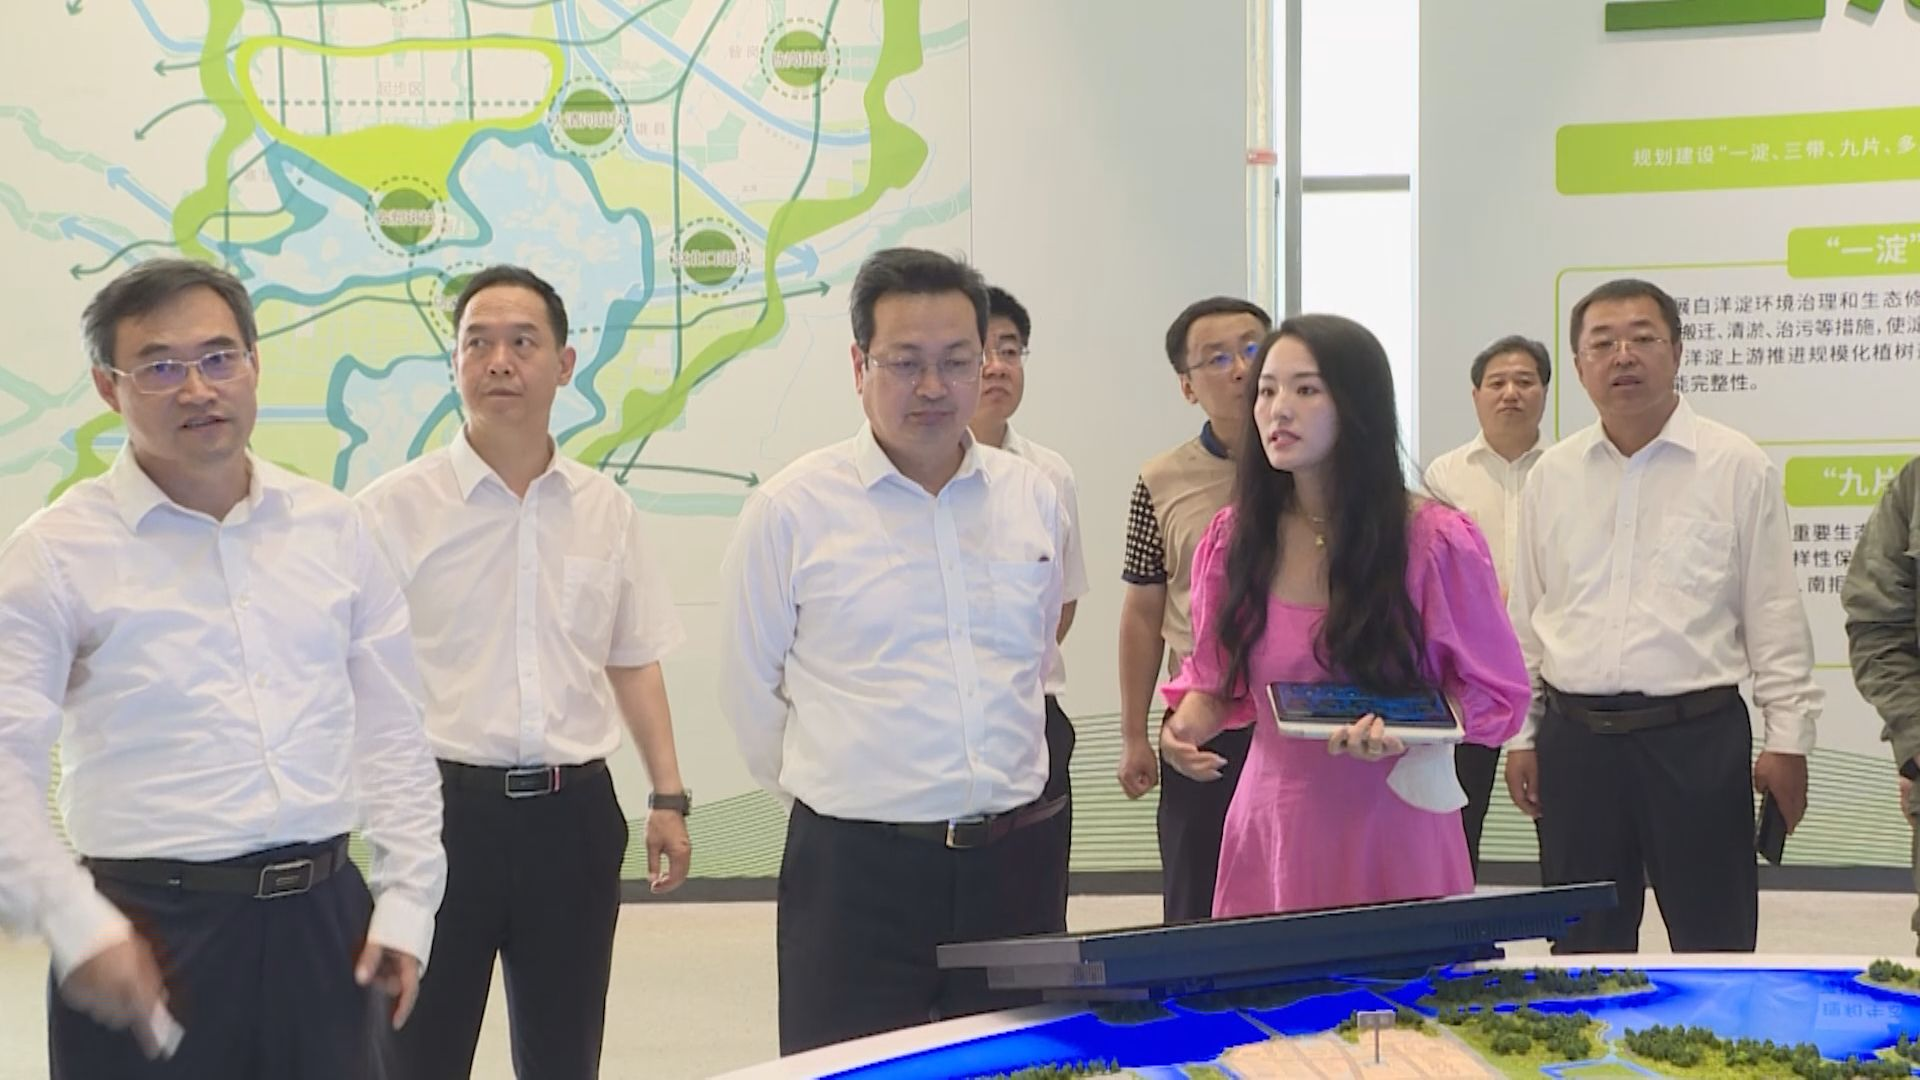 时政播报丨张国华调研雄安郊野公园建设